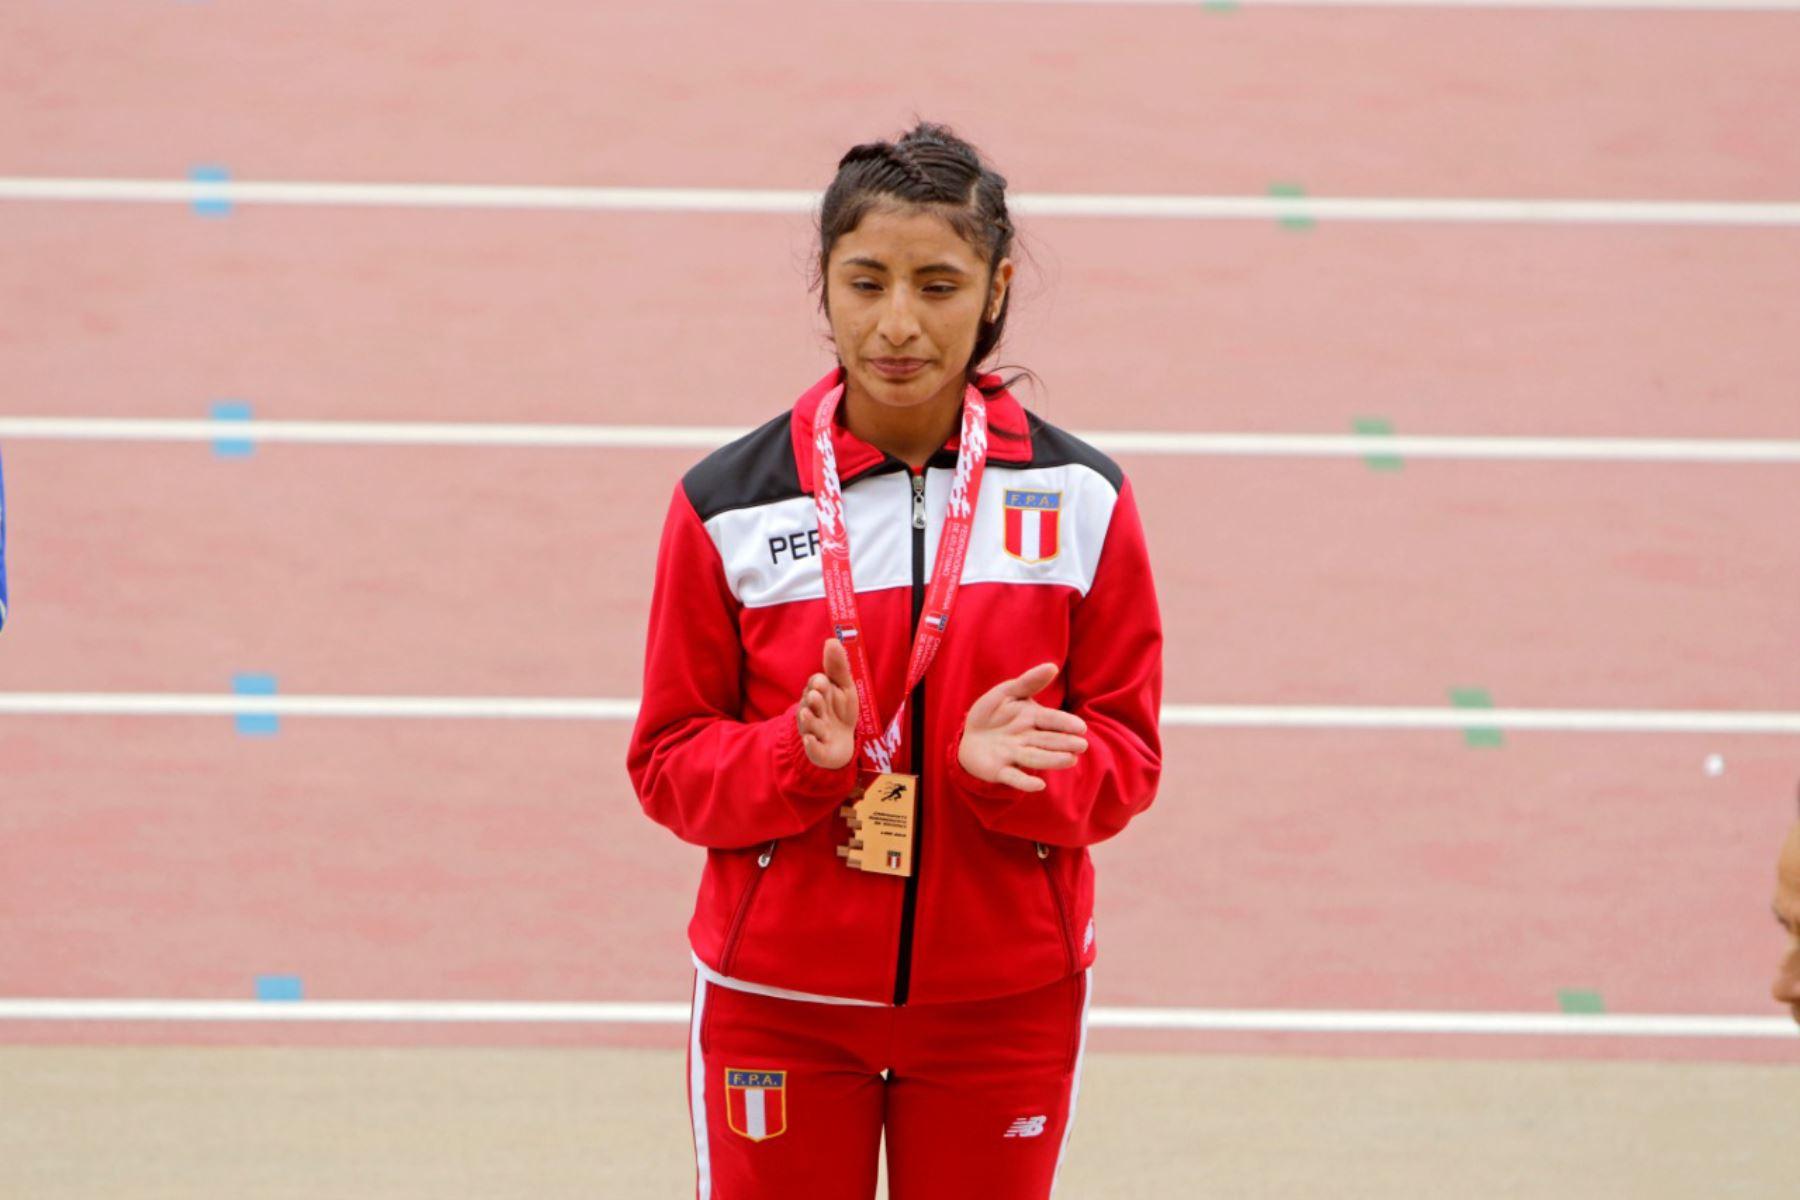 La marchista nacional Leyde Guerra deportista nacional que clasifica a los Juegos Olímpicos Tokio 2020 en Marcha Atlética. Foto: ANDINA/IPD